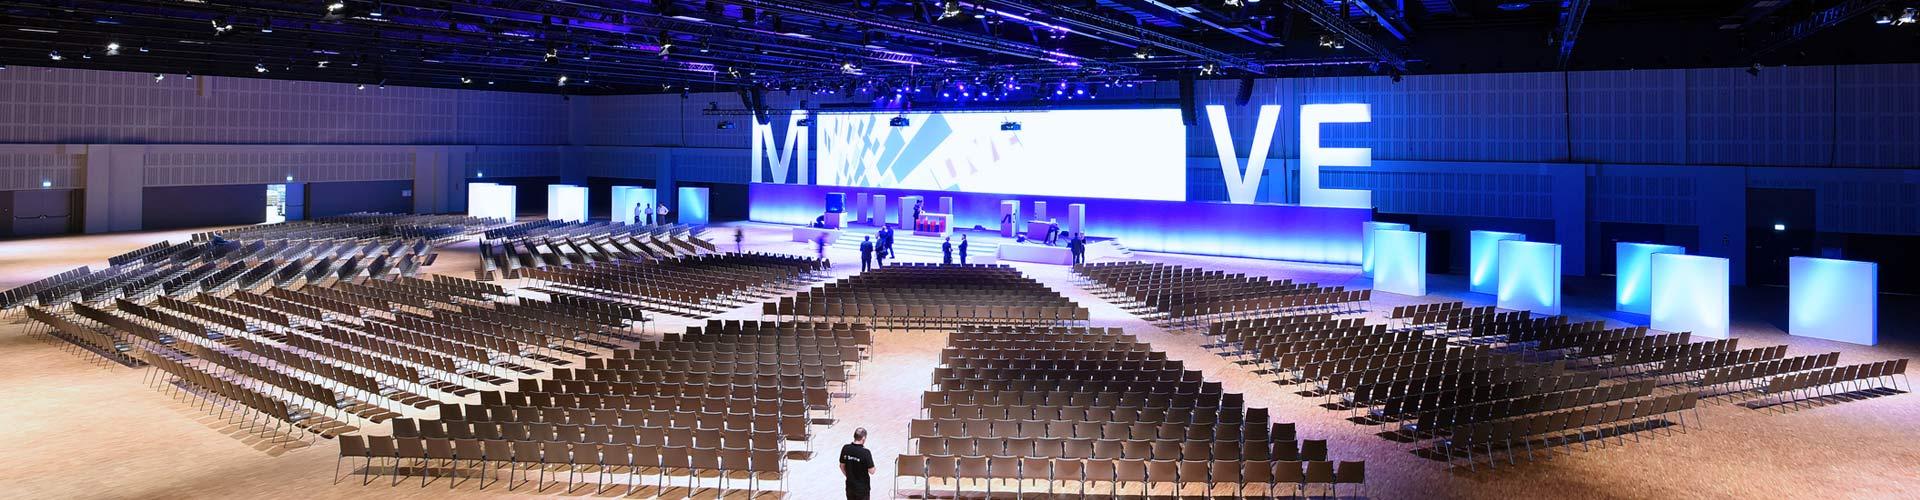 euromicron-Tochter MICROSENS sichert optimale Netzwerkanbindung im Estrel Congress & Messe Center